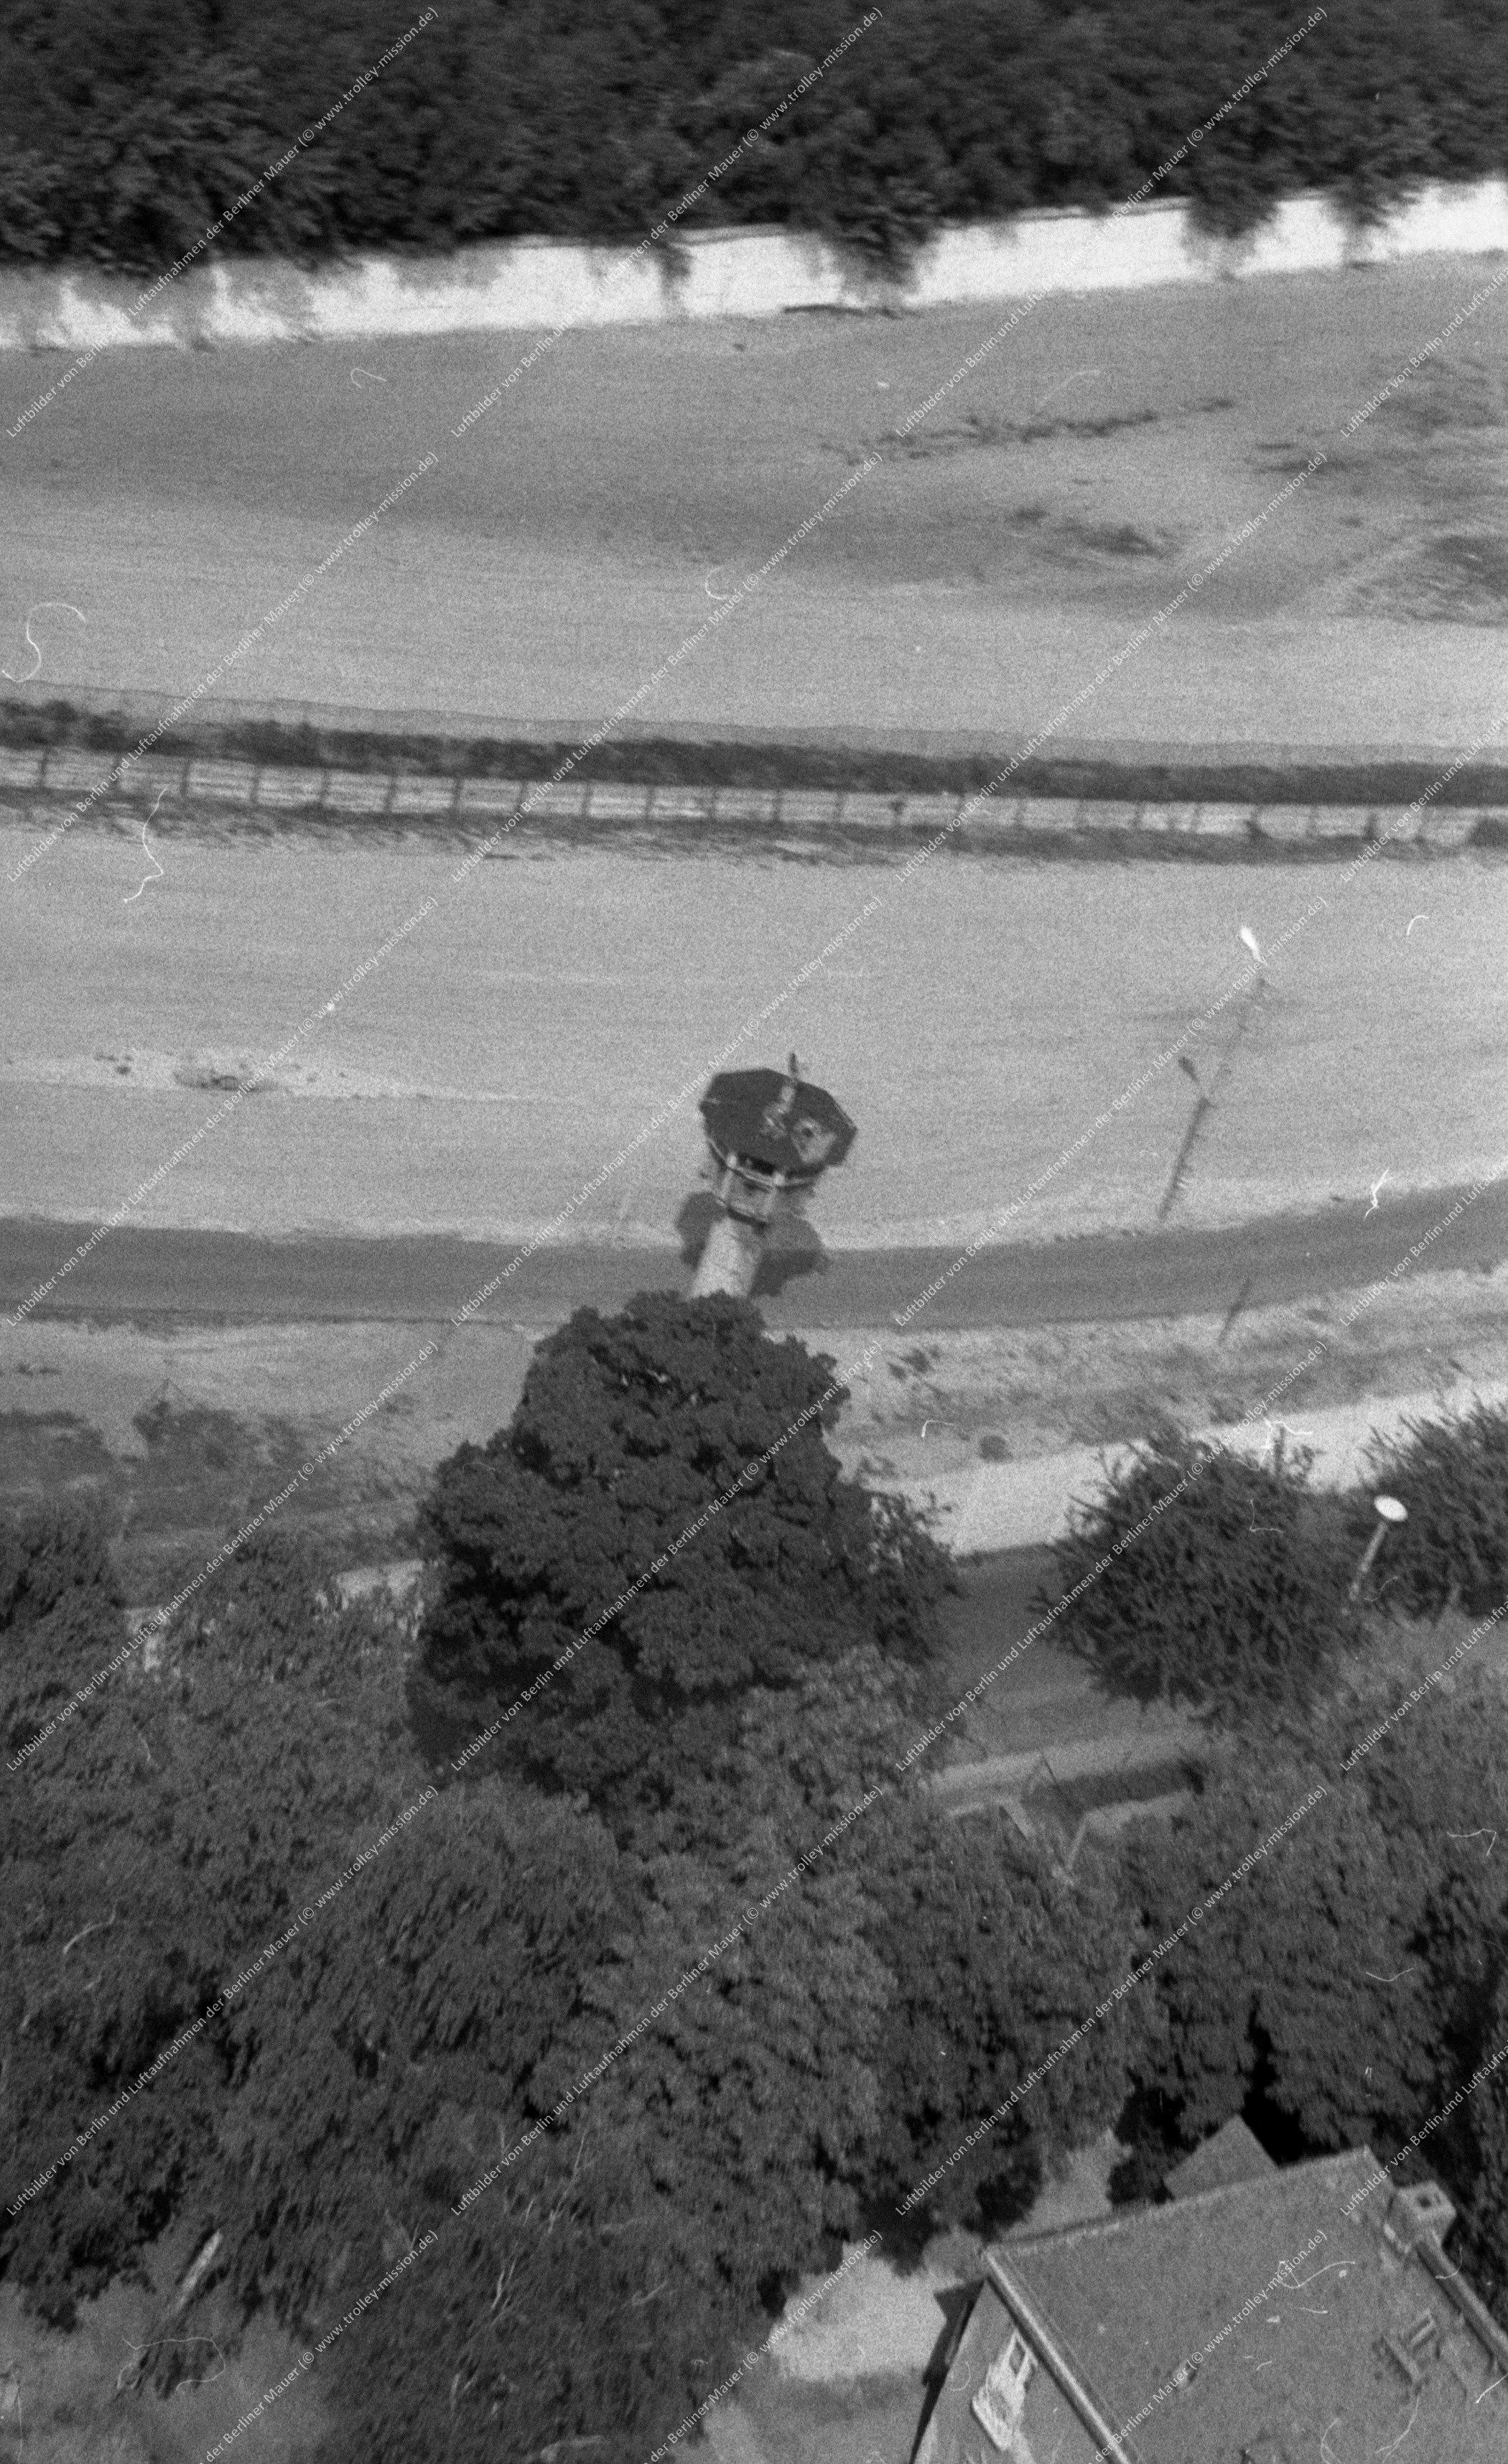 Berlin Luftaufnahme Unbekannter Grenzturm an der Berliner Mauer vom 9. März 1982 (Bild 050)